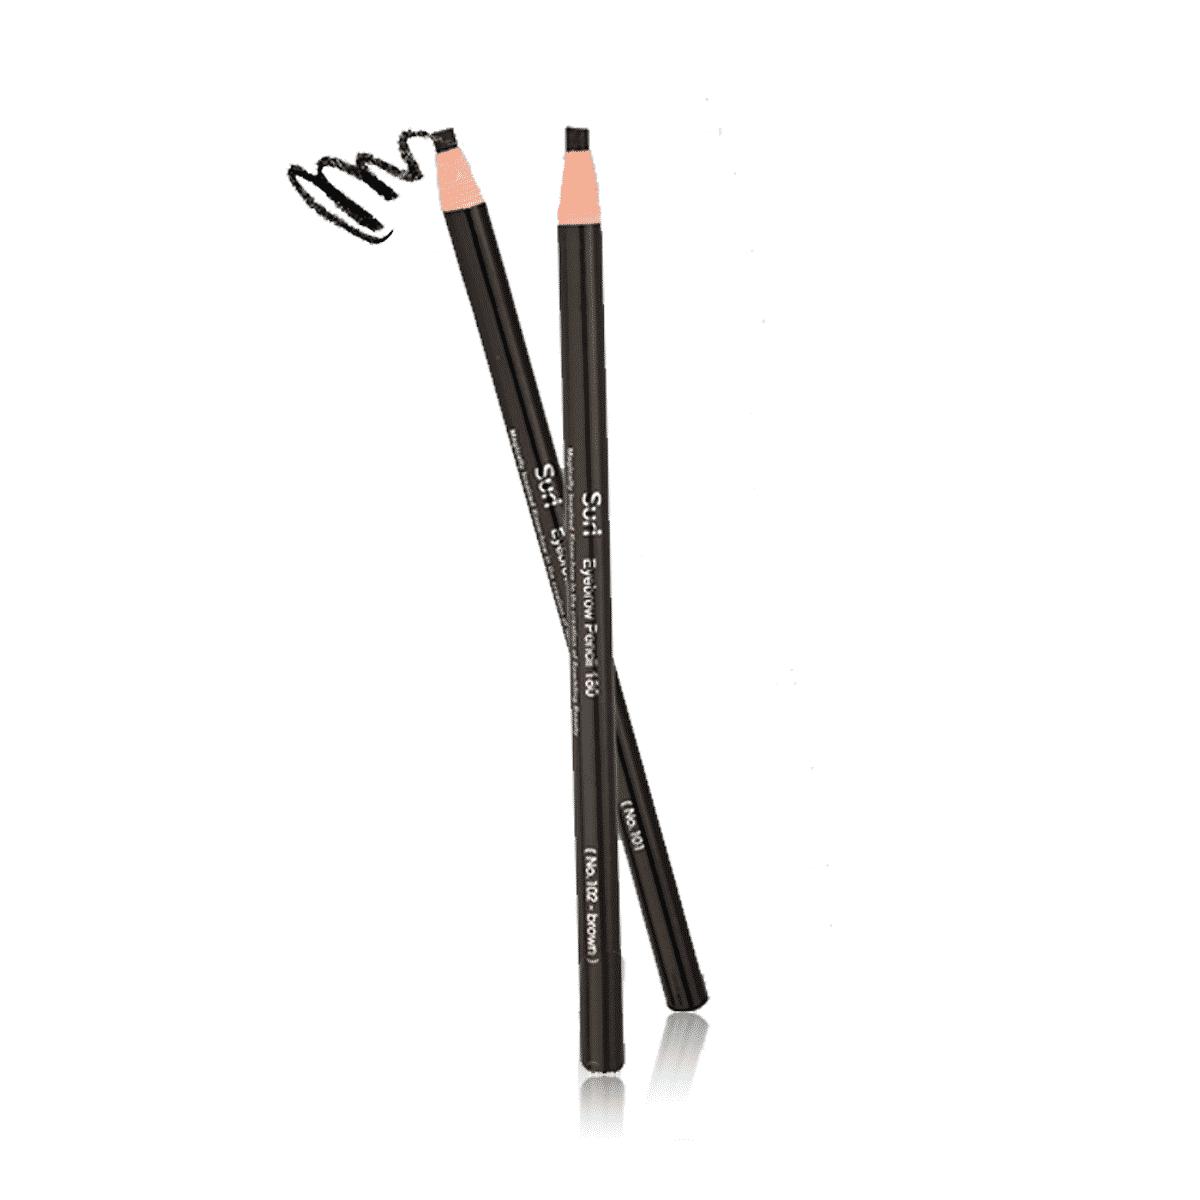 Chì kẻ mắt giá rẻ Suri Eyebrow Pencil Hàn Quốc